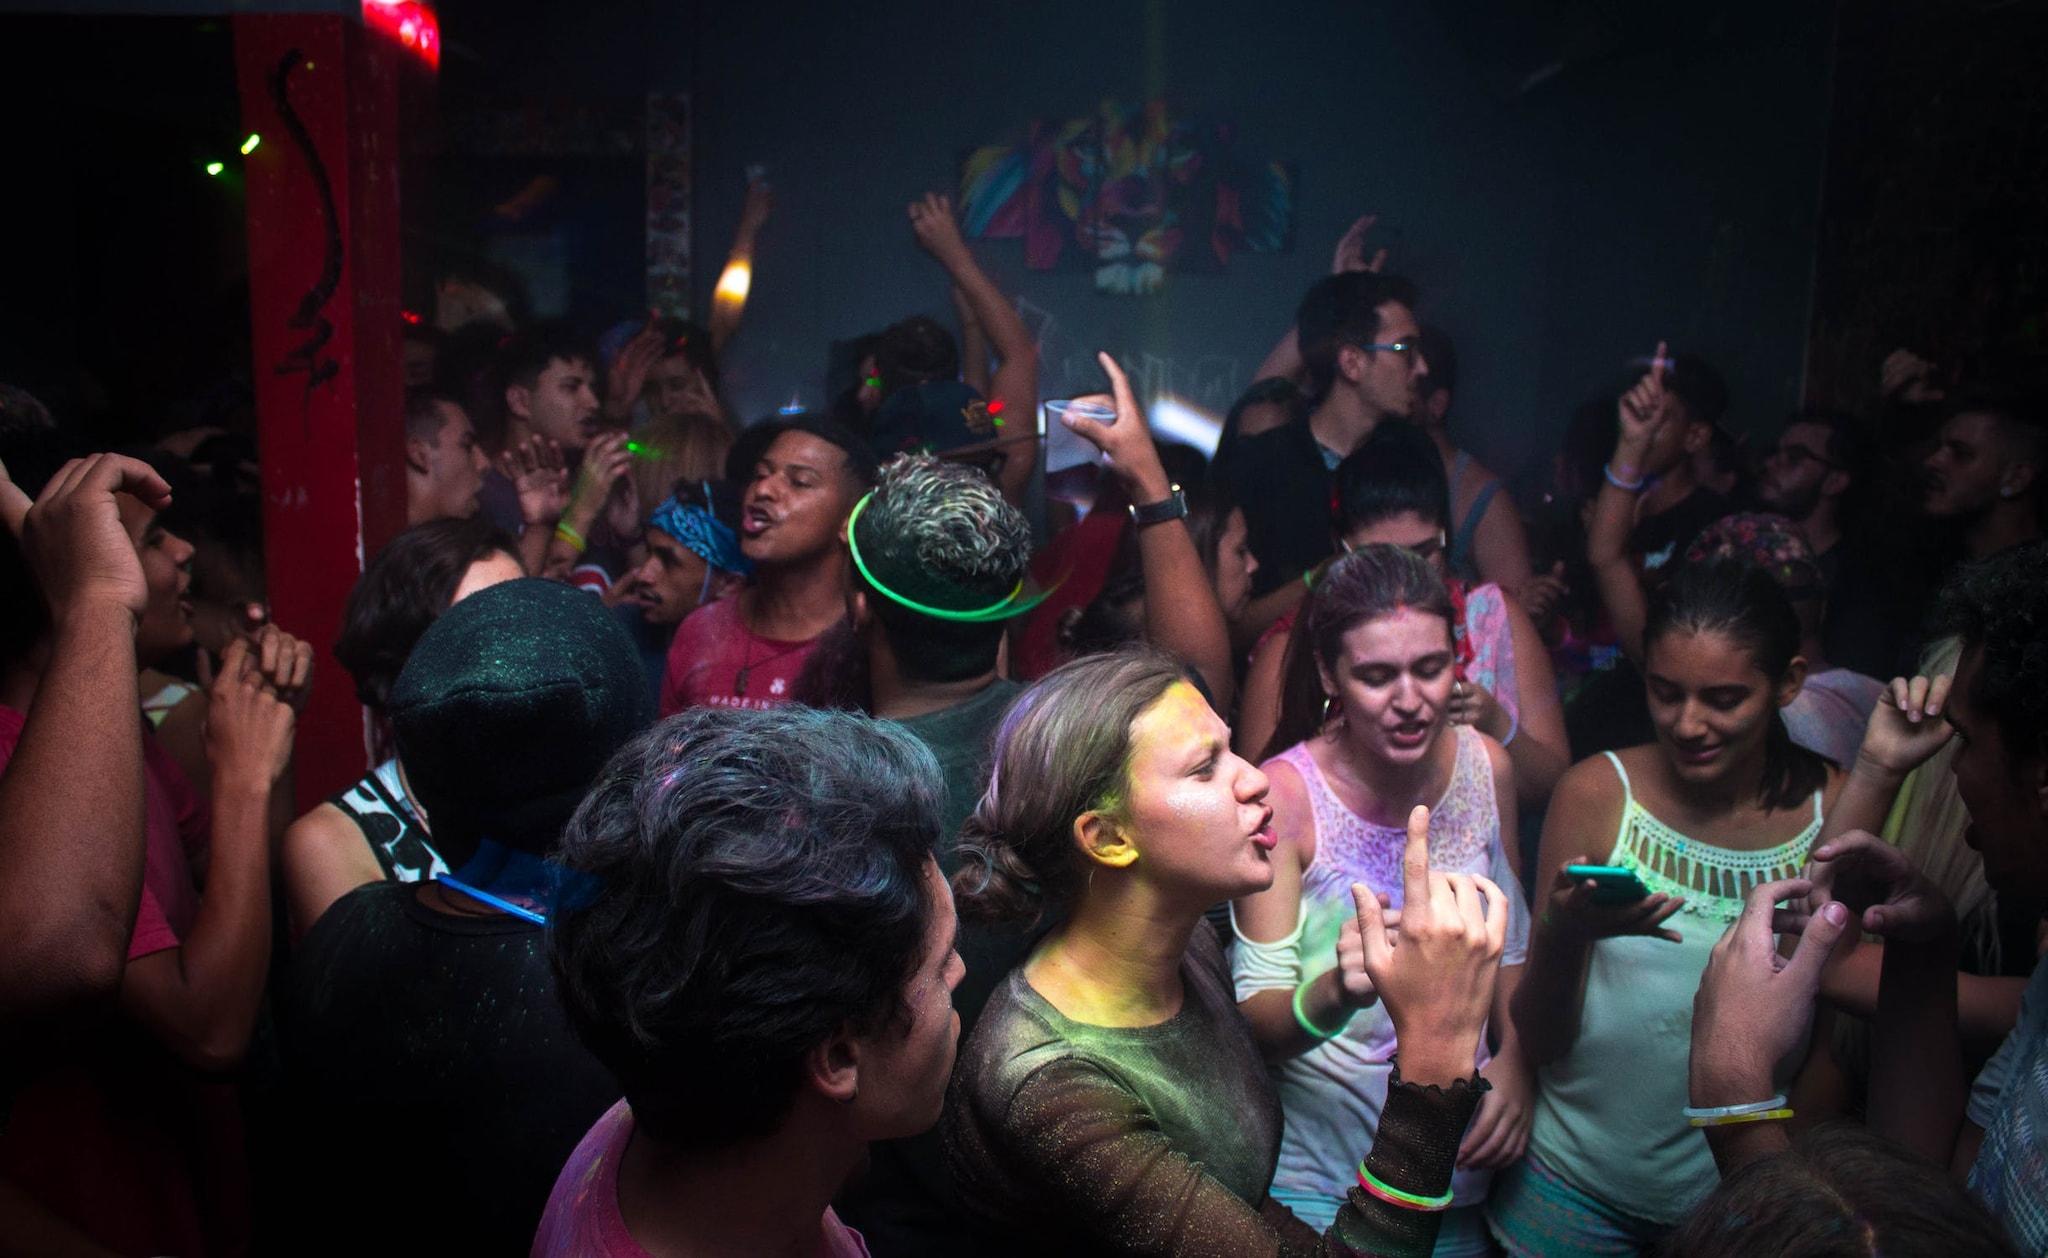 तुम्हाला उत्साहाने पूर्ण वातावरण हवं असेल तर गोवा तुमचीच वाट पाहत आहे. समुद्र, हिरवळ आणि थंडी हे कॉम्बिनेशन हनिमूनसाठी अगदी योग्य आहे. बीच किनारी तुम्ही पार्टीची मजा लुटू शकता. तसंच क्लबमध्ये जाऊनही पार्टी करु शकता.